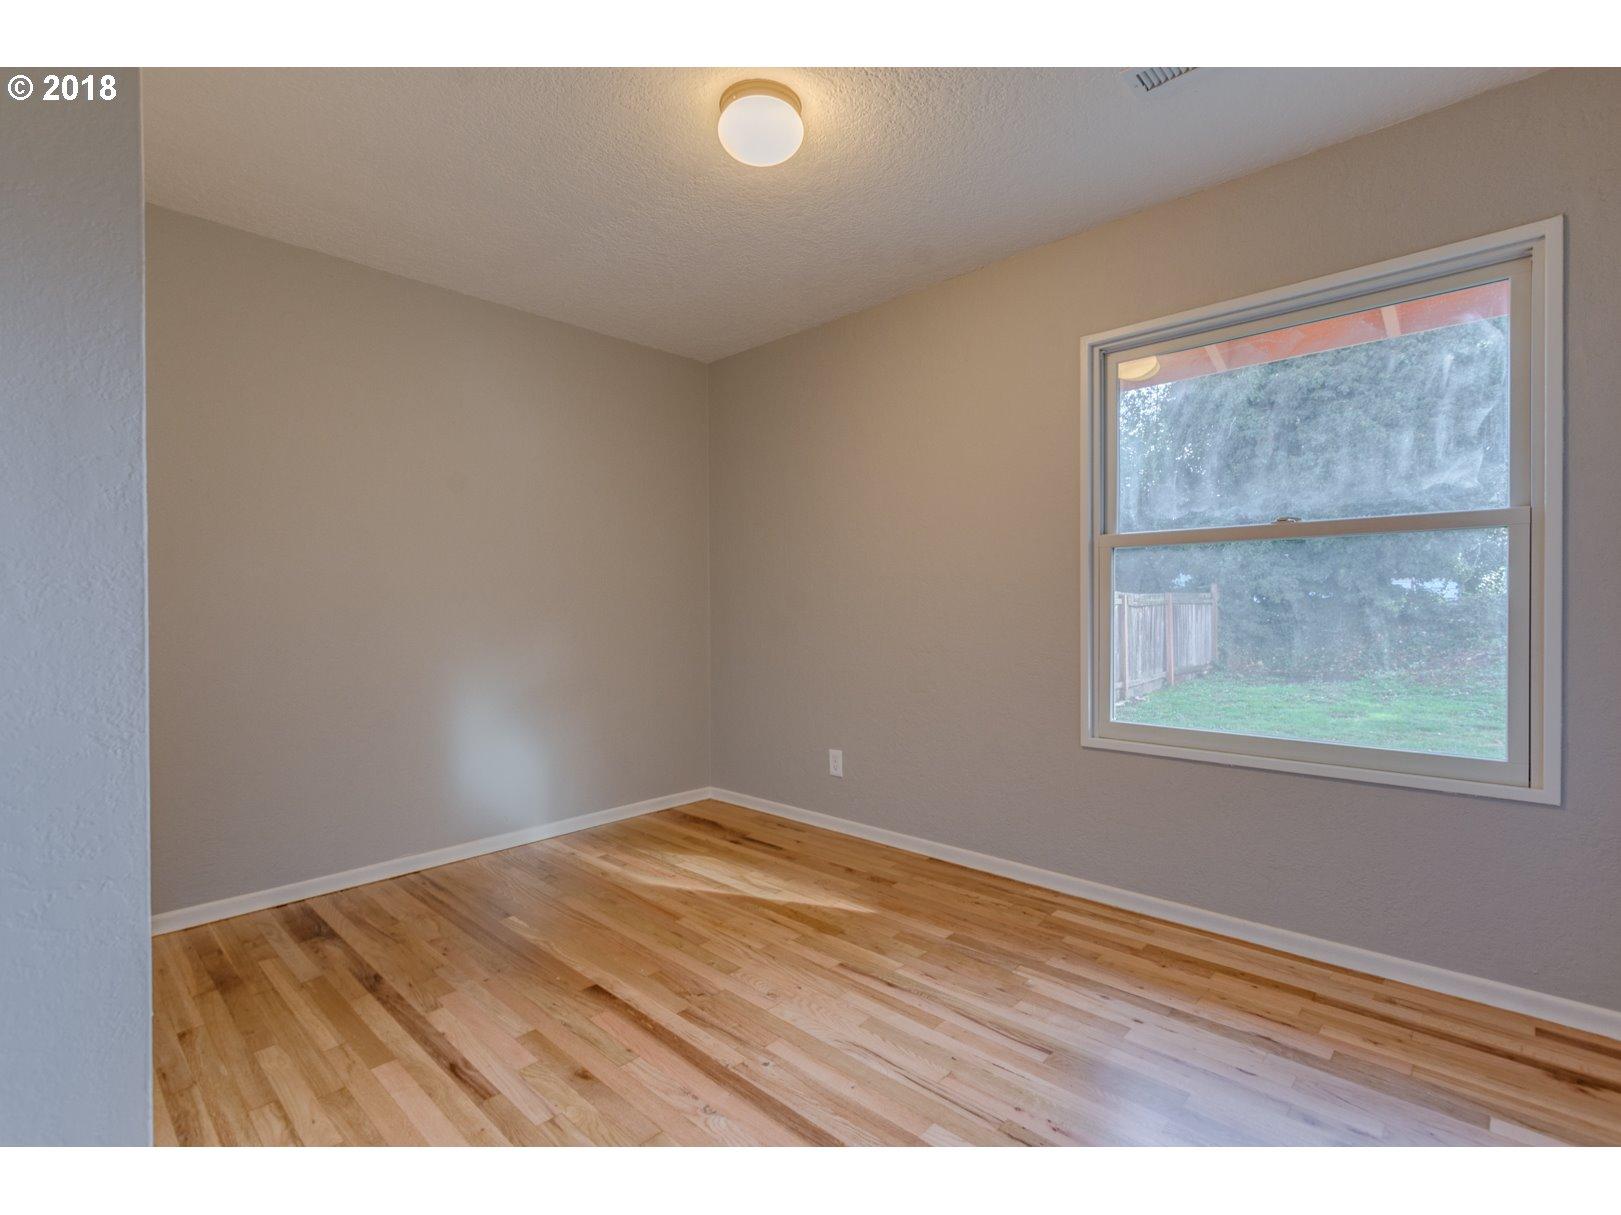 9122 N OSWEGO AVE Portland, OR 97203 - MLS #: 18654446